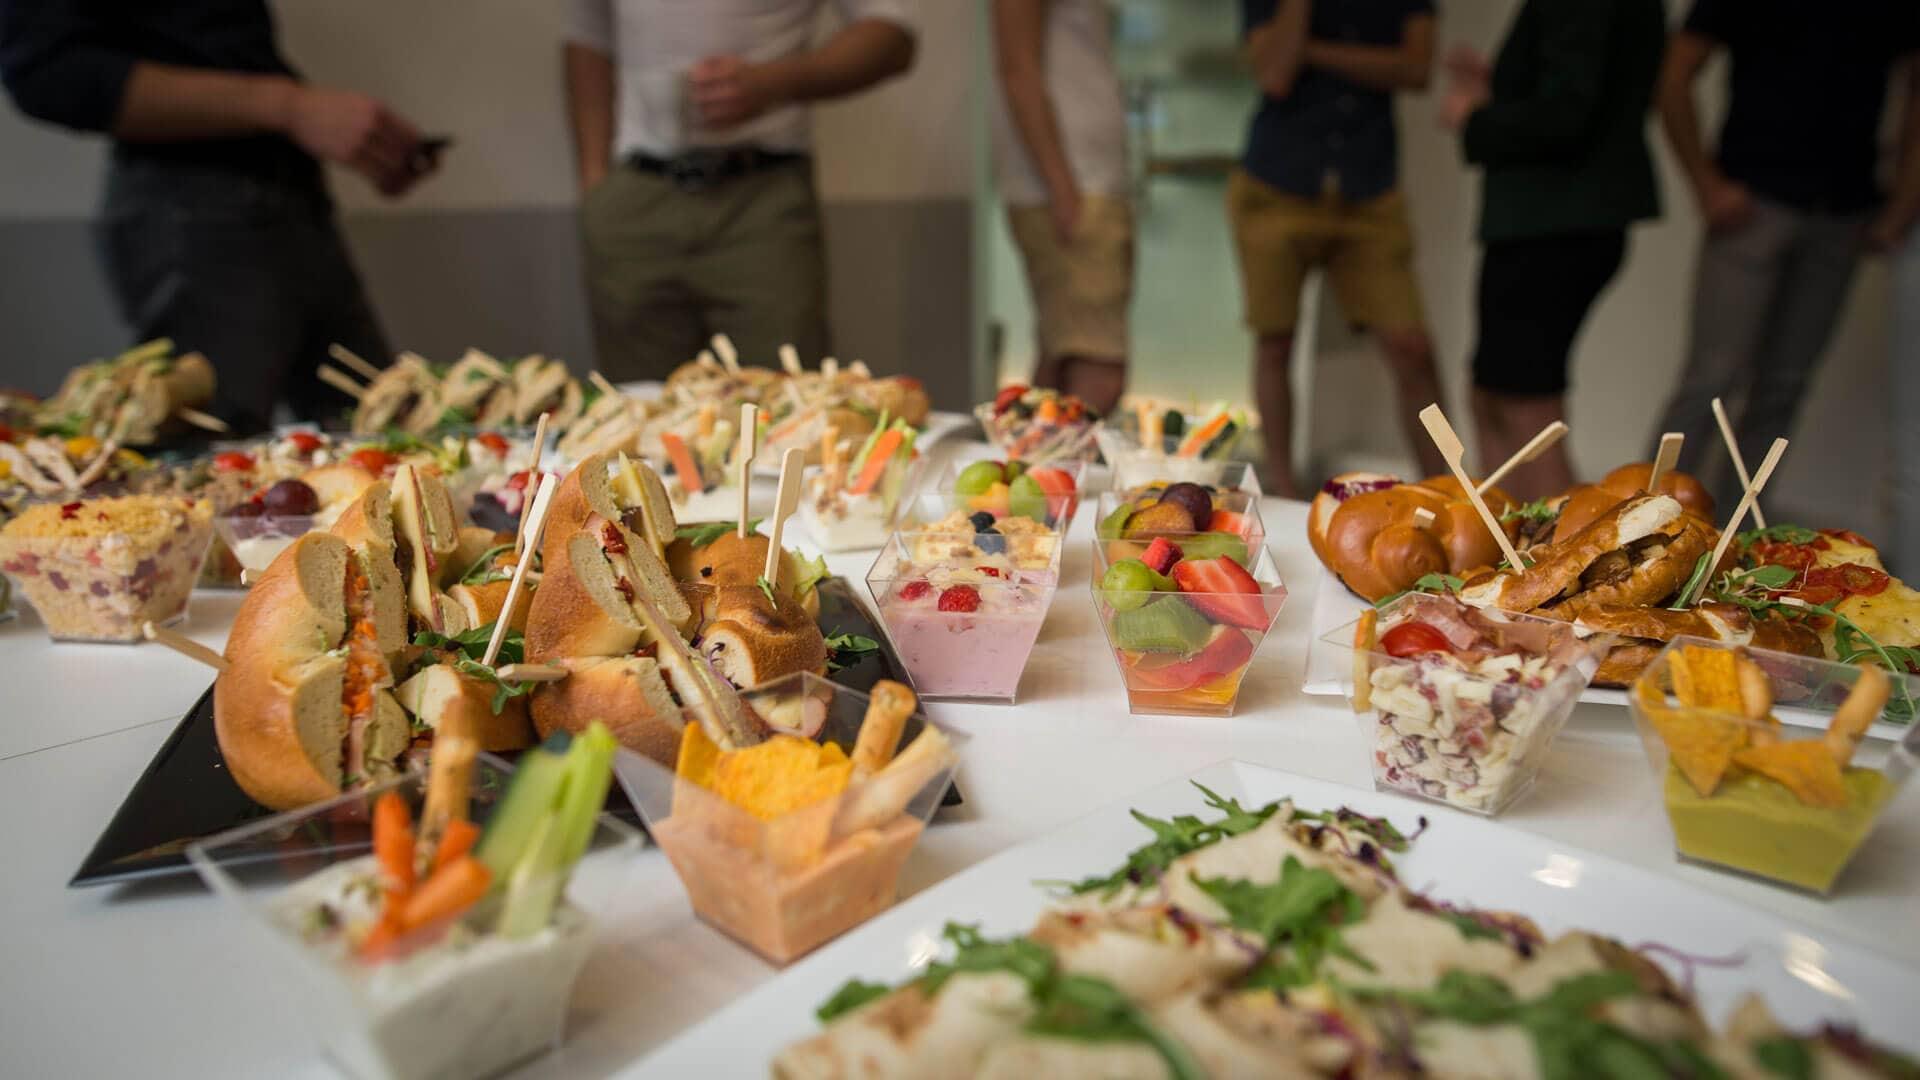 Ha ellátásra is szükséged lenne, válaszd a Catering szolgáltatásunkat. KAPTÁR coworking Budapest